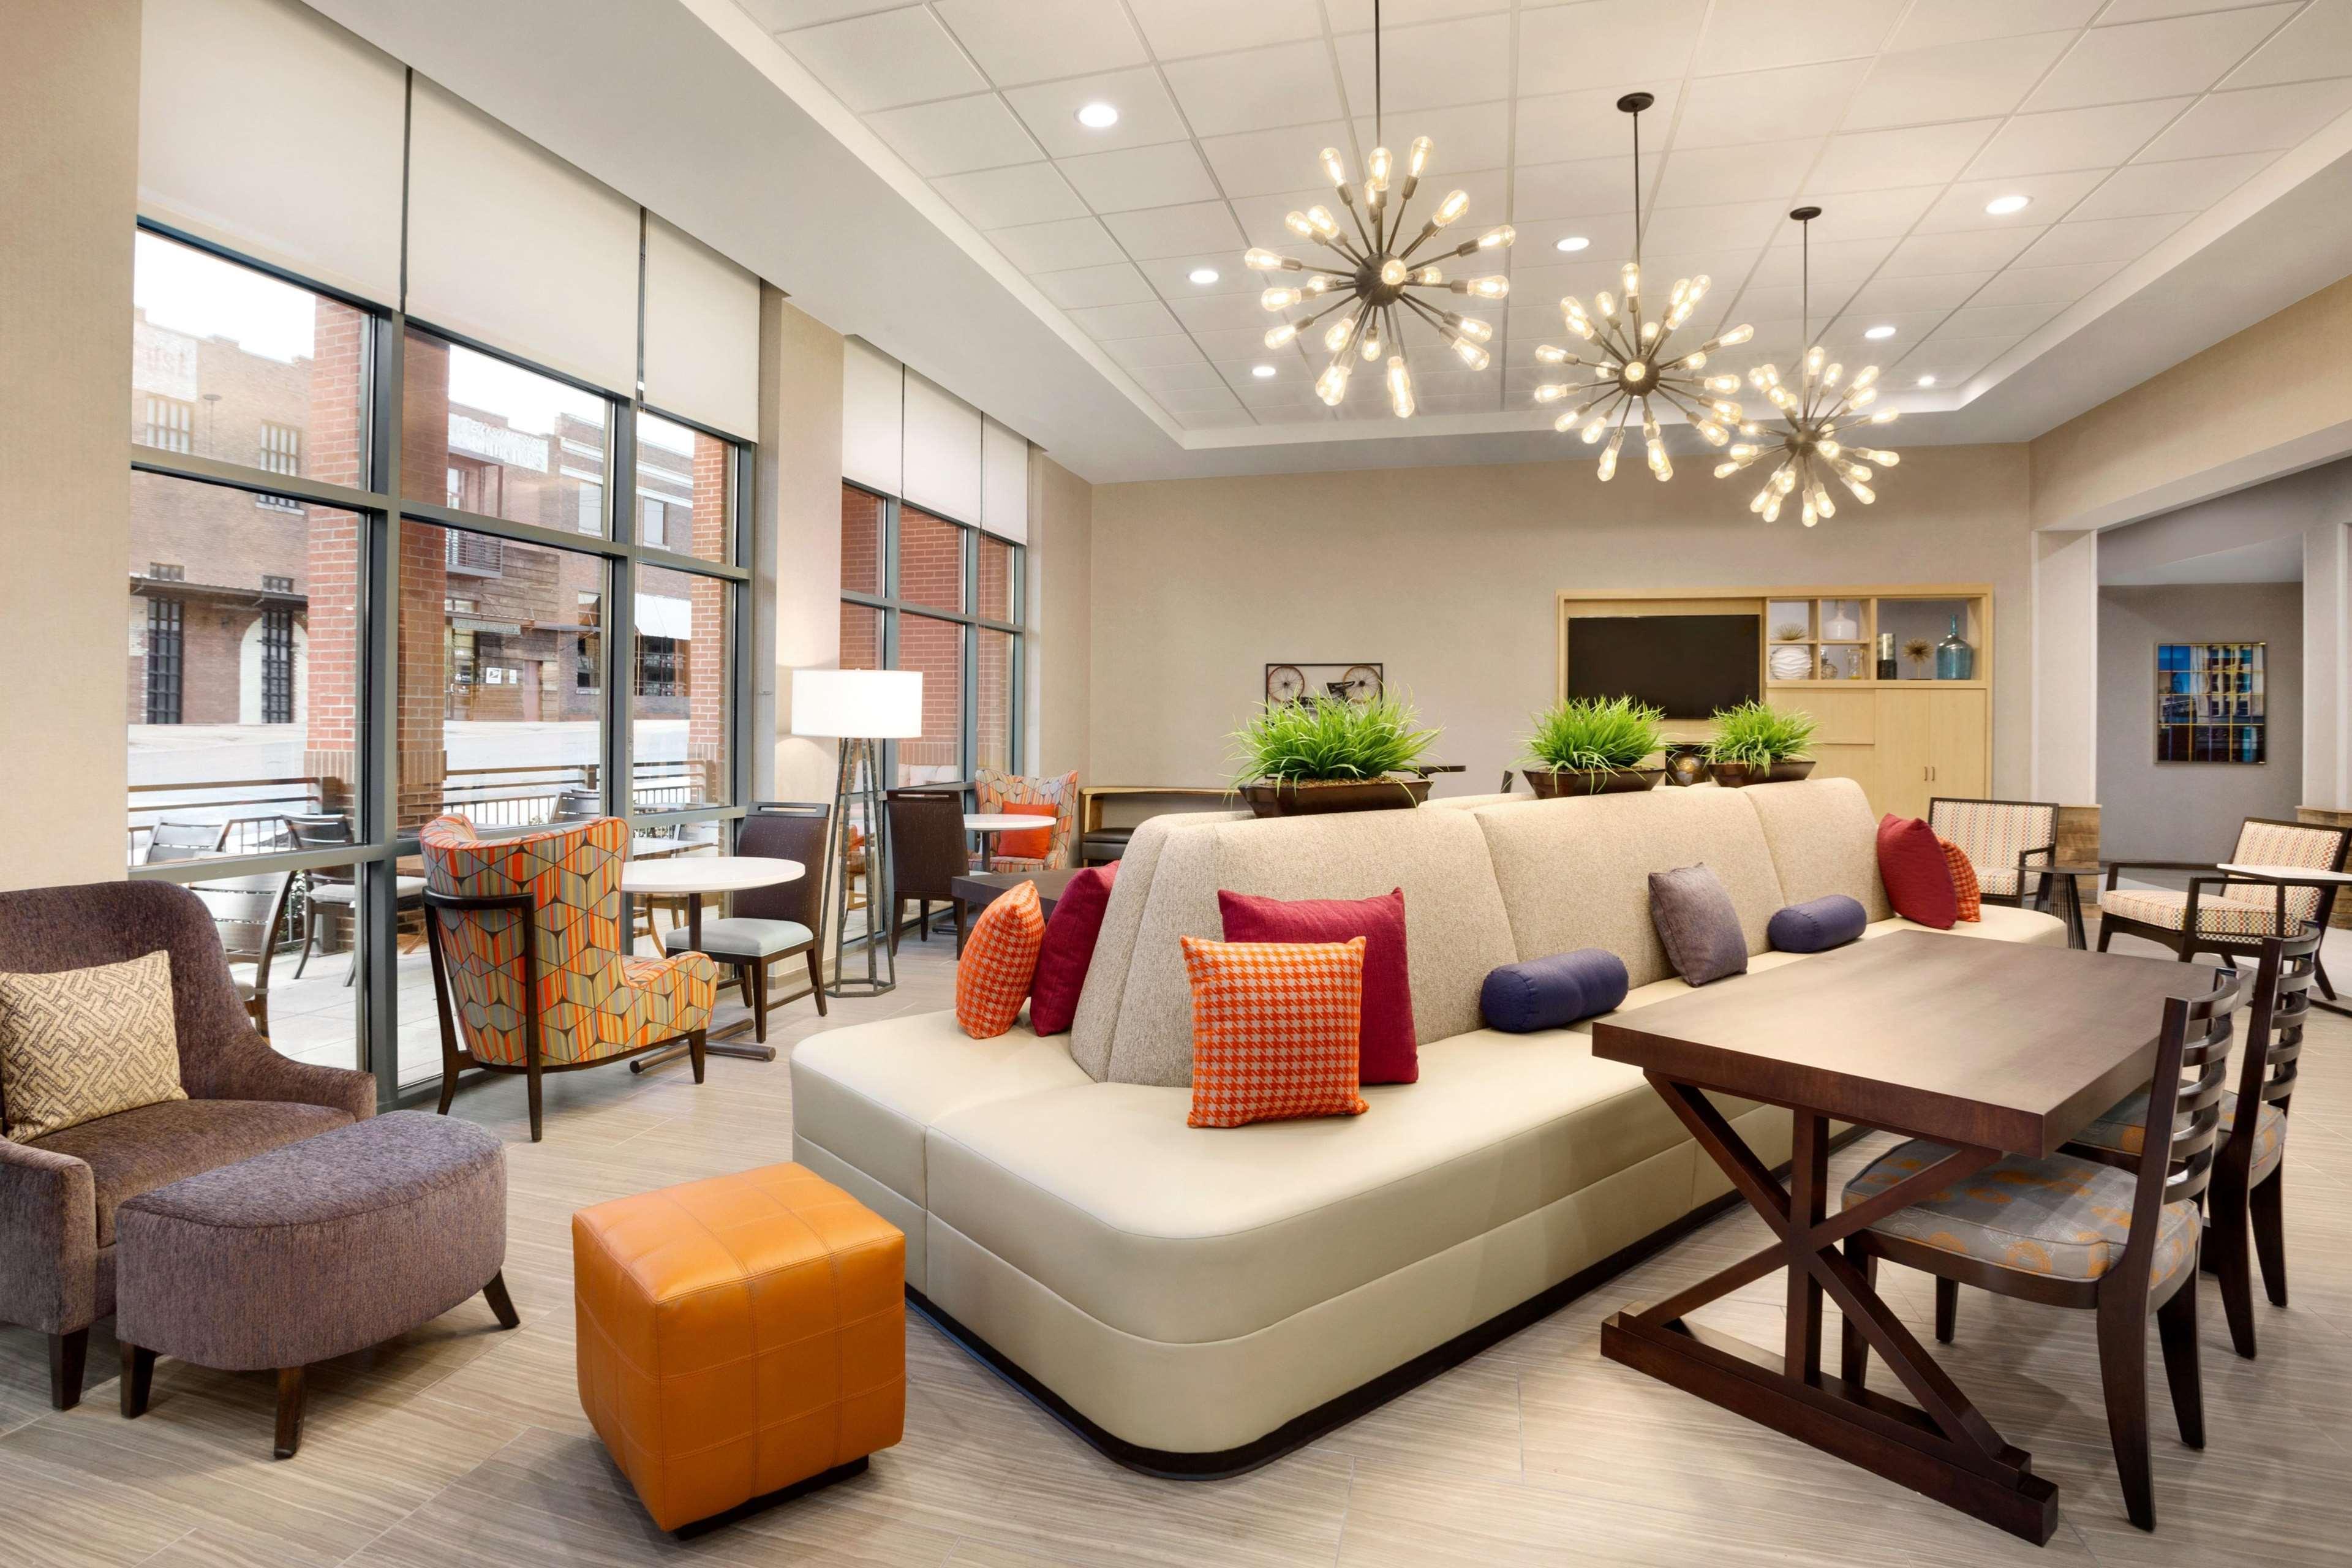 Home2 Suites by Hilton Birmingham Downtown image 6